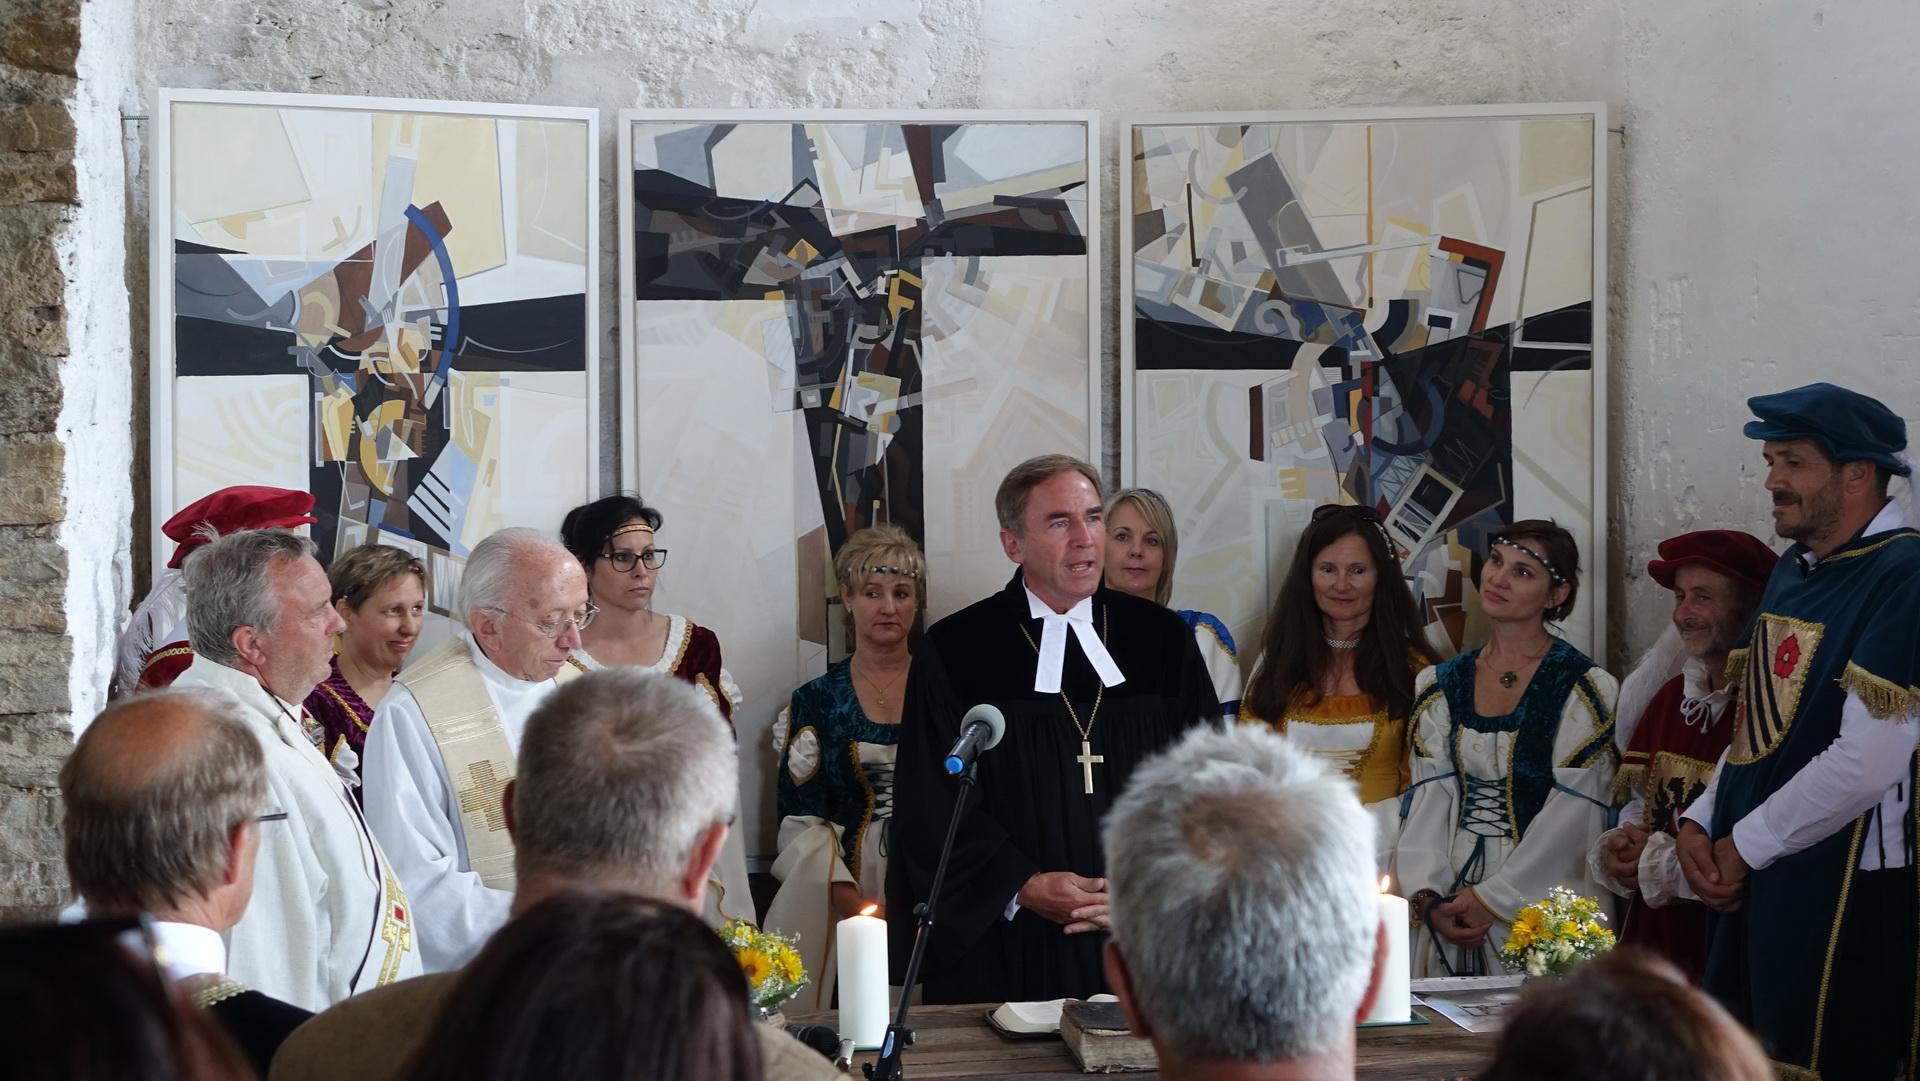 Die Segnung wurde gemeinsam von Superintendent Mag. Manfred Sauer,  Pater Mag. Anton Strigl und Diakon Ing. Michael Wedenig erteilt